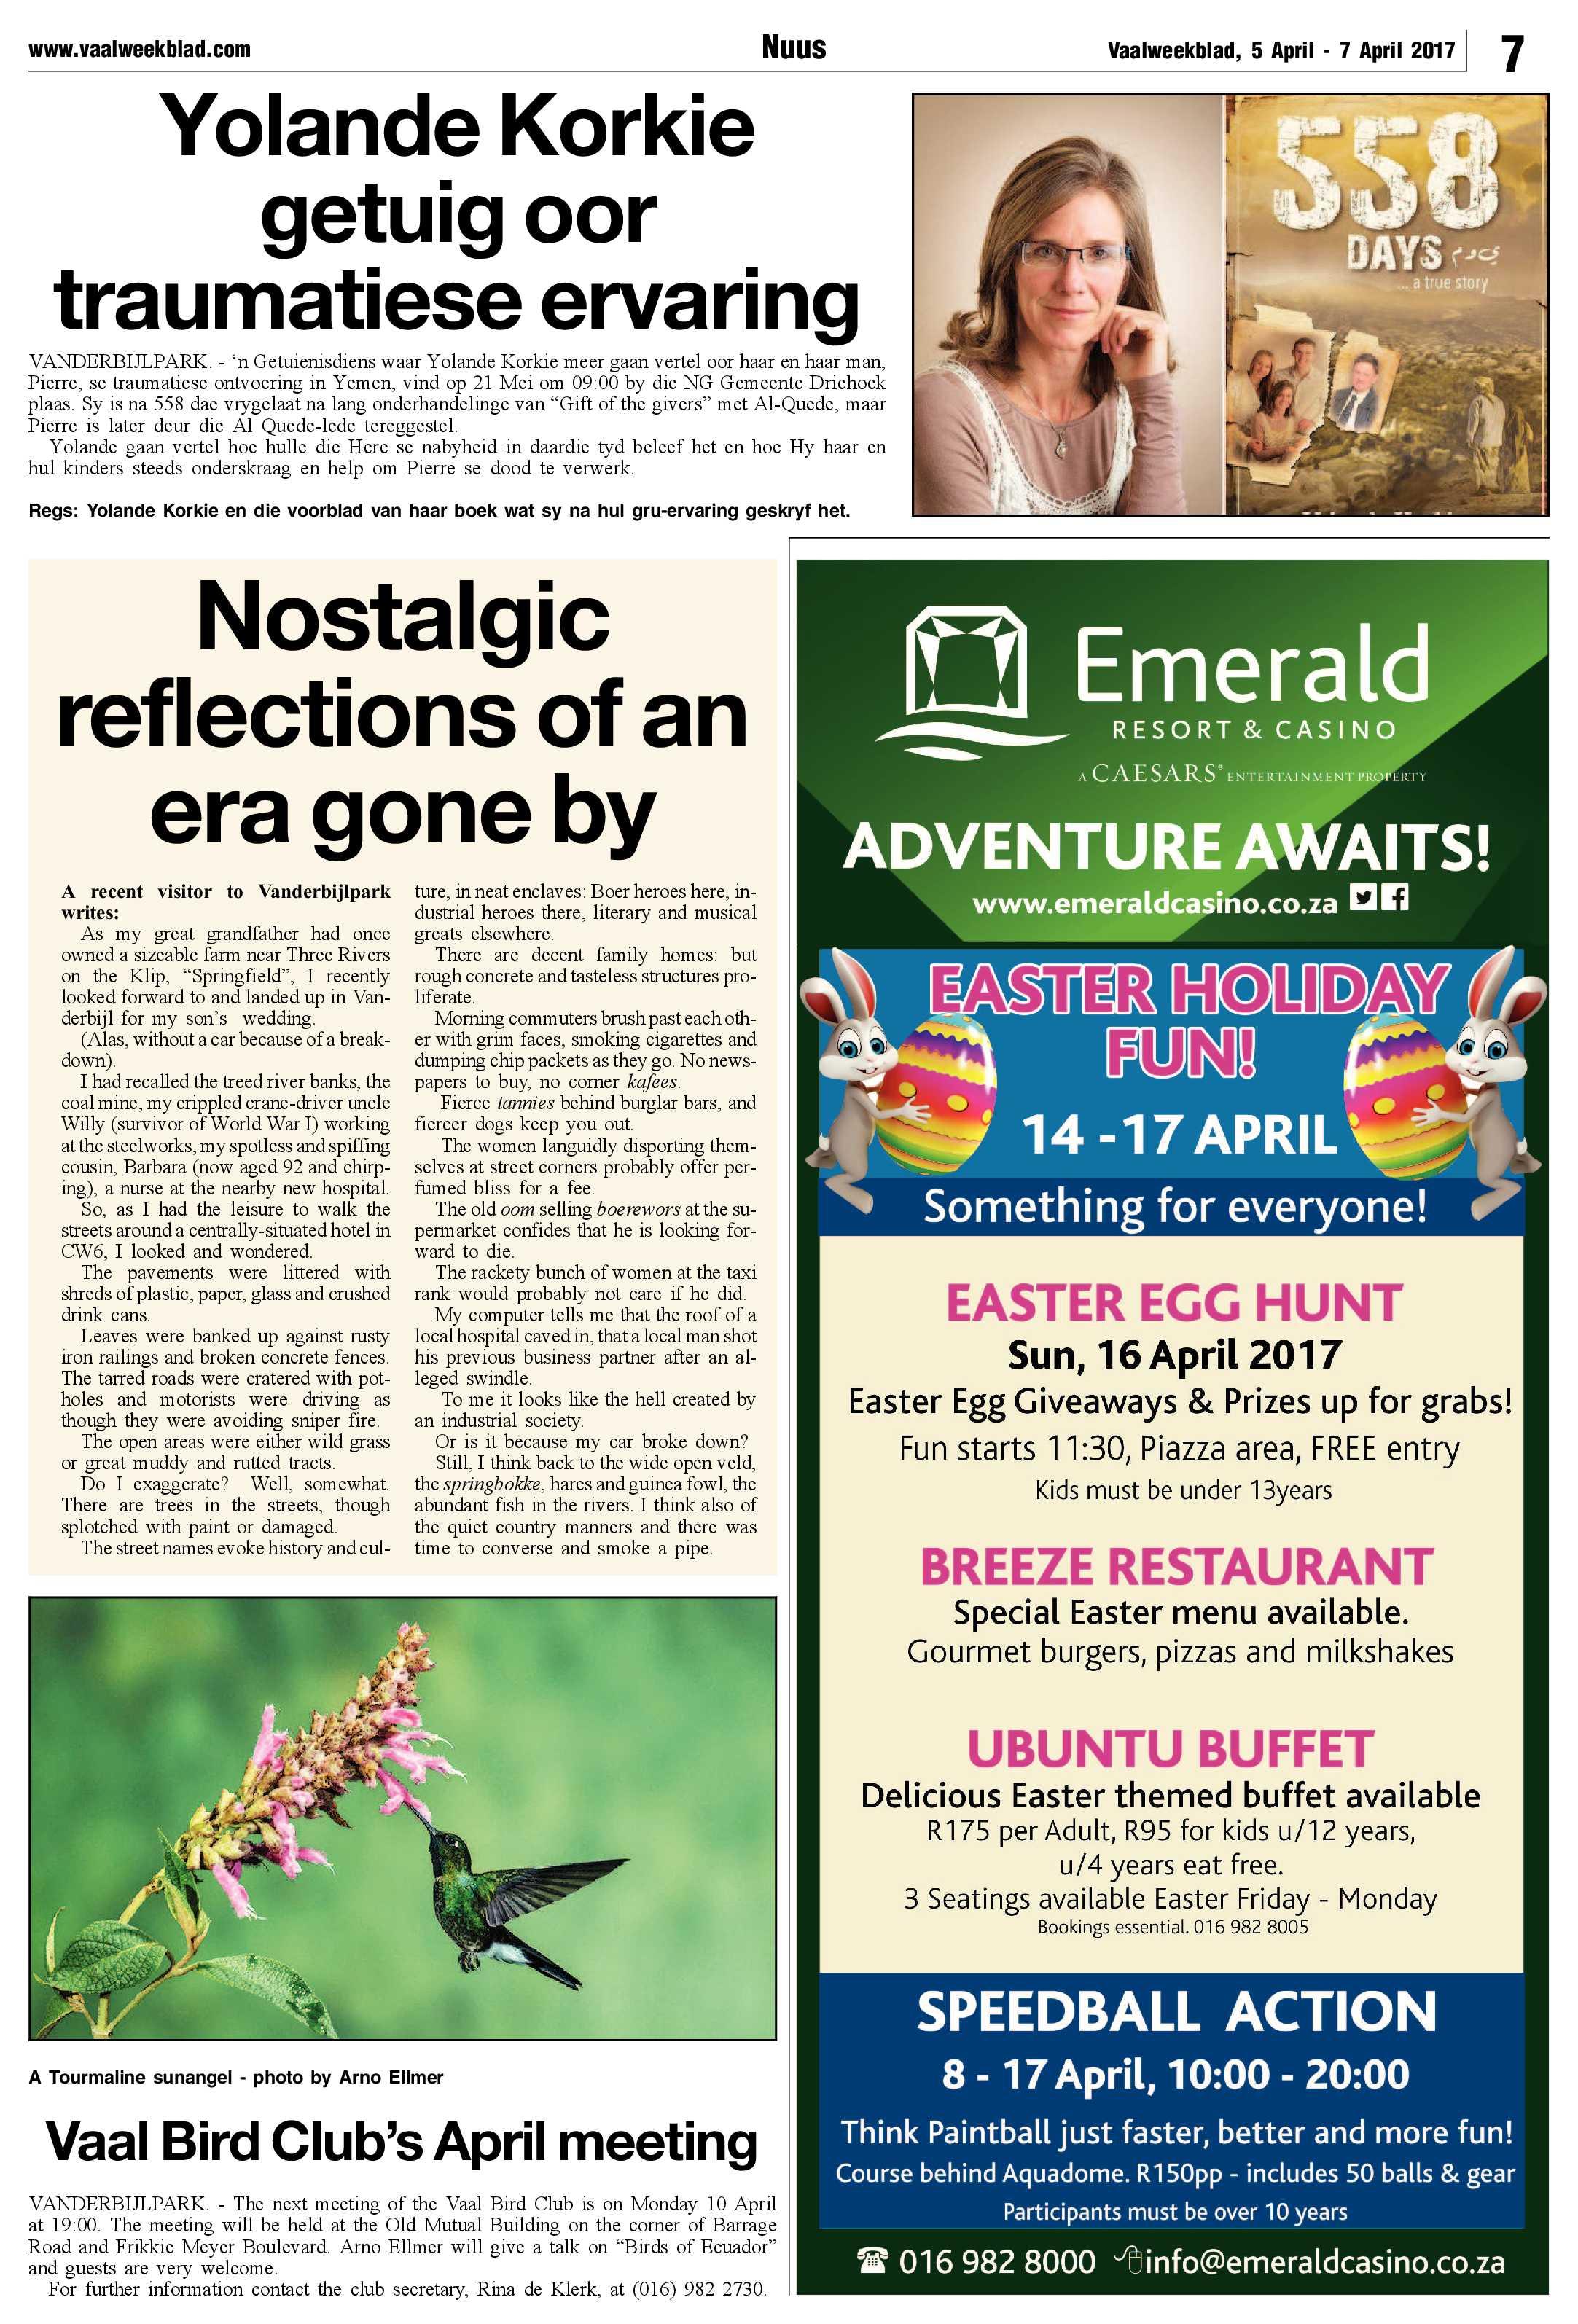 vaalweekblad-5-7-april-2017-2-epapers-page-7